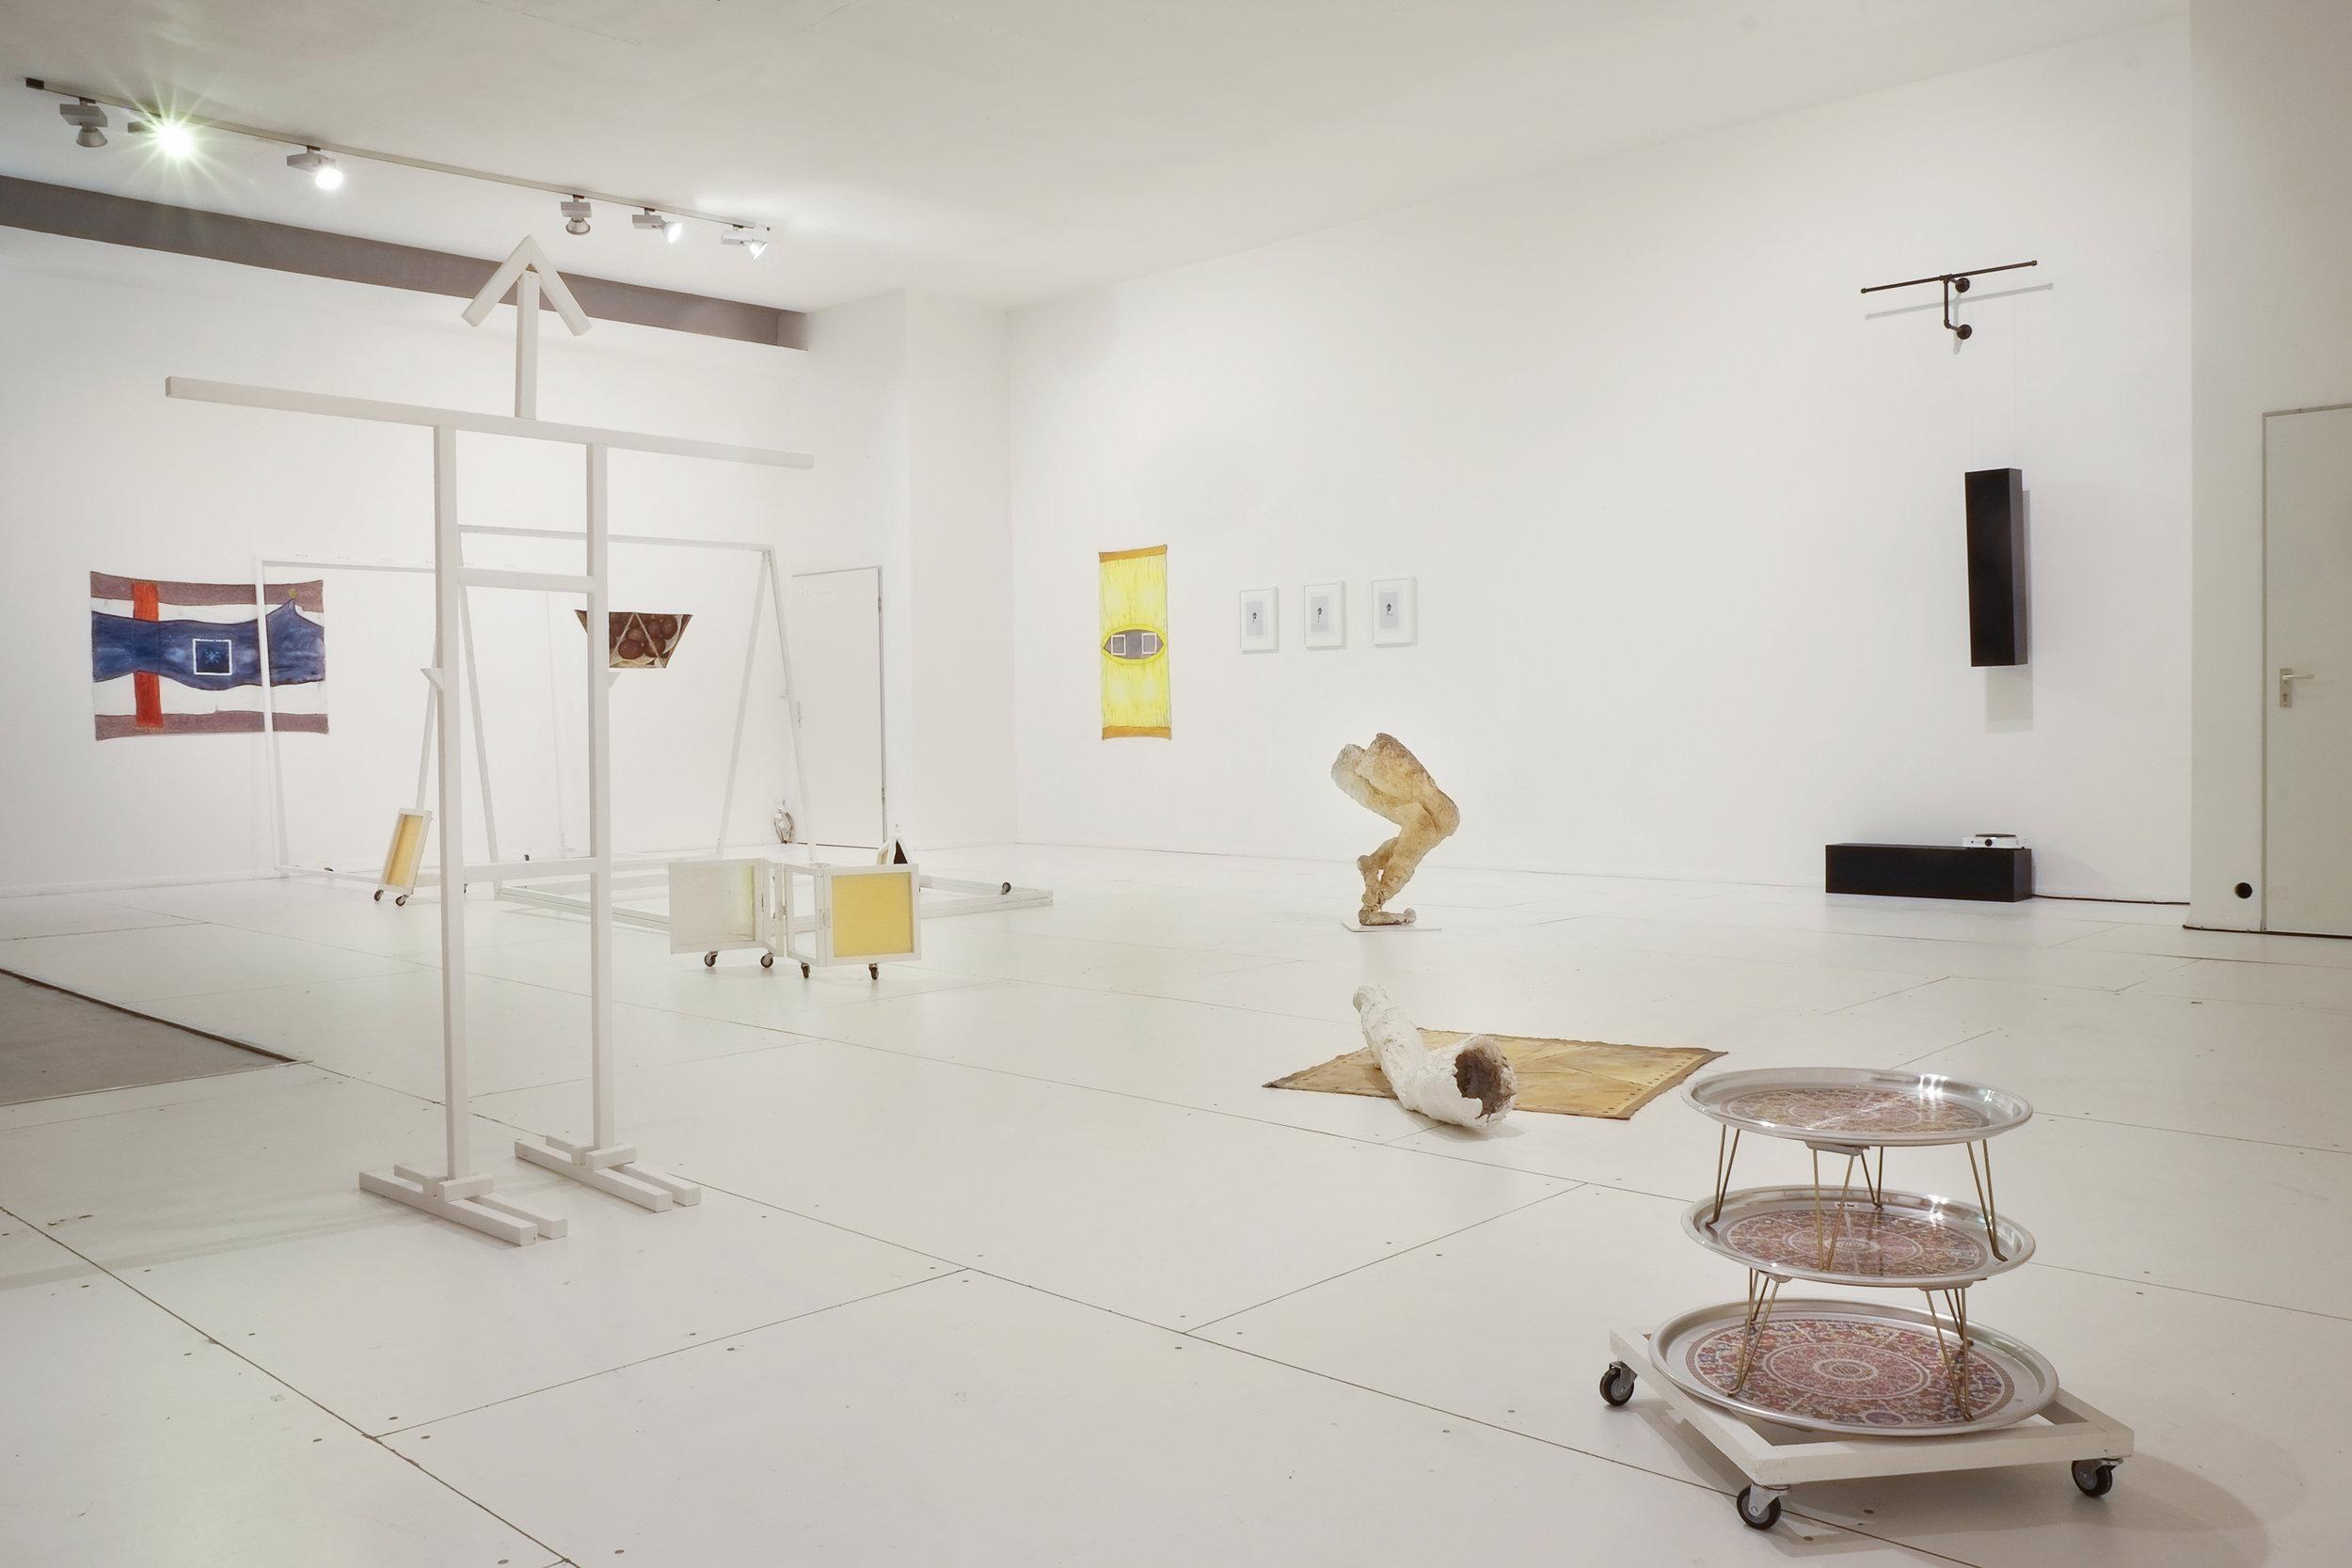 faktor_exhibition©maschatischbein01.jpg